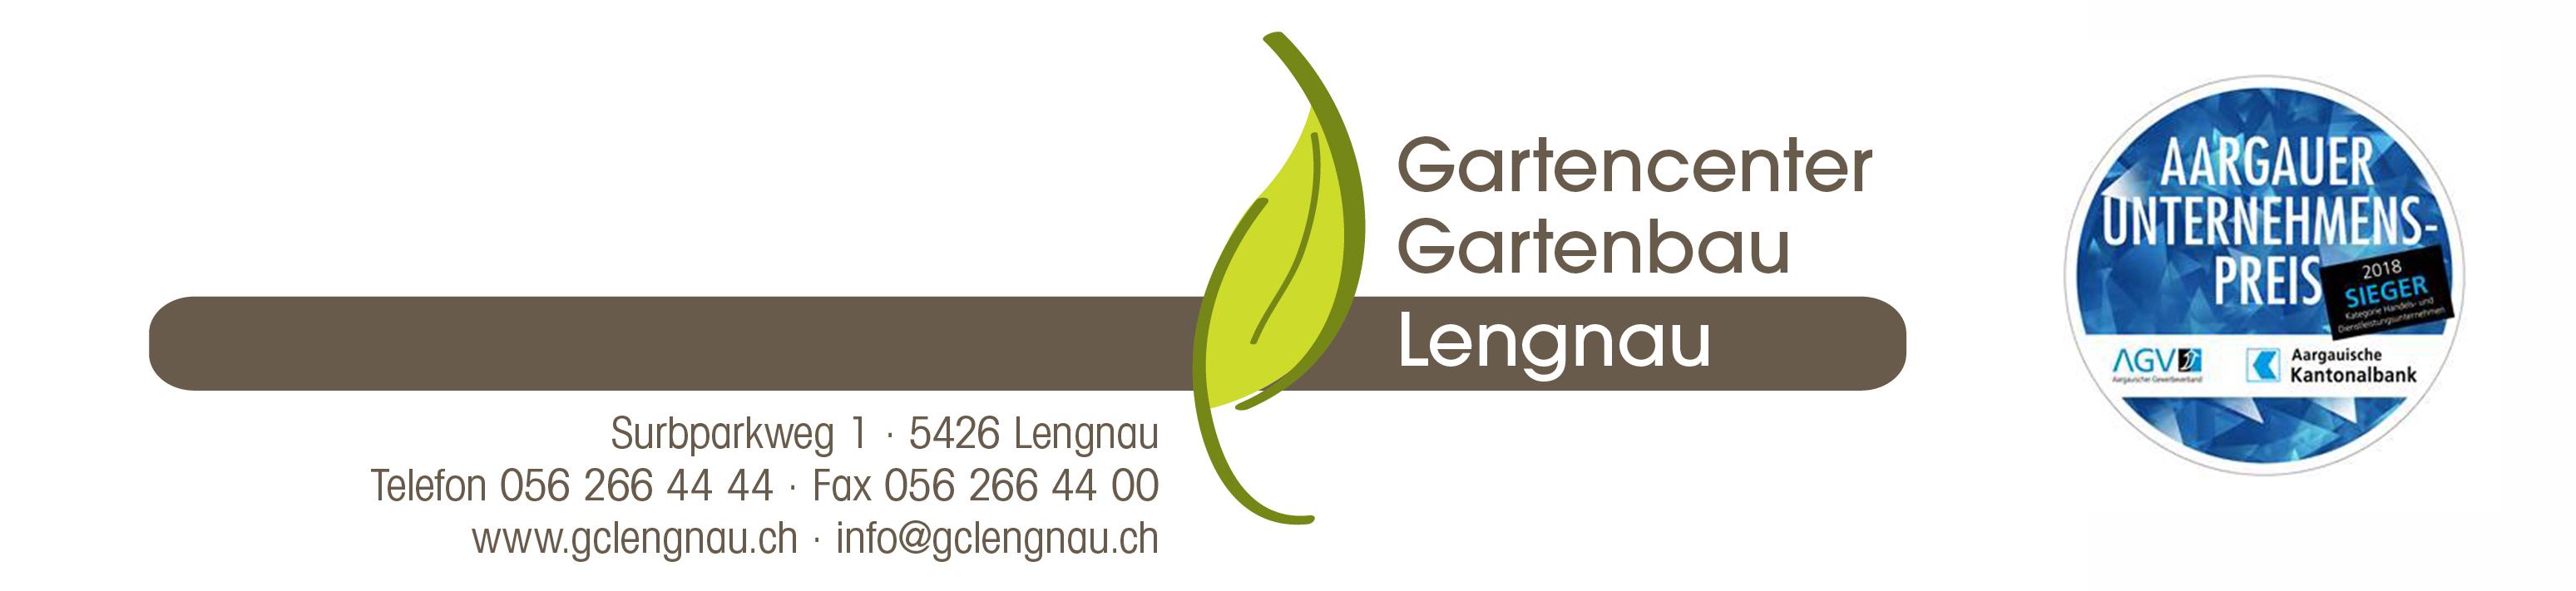 Gartencenter_Lengnau_Unternehmerpreis_querjpg